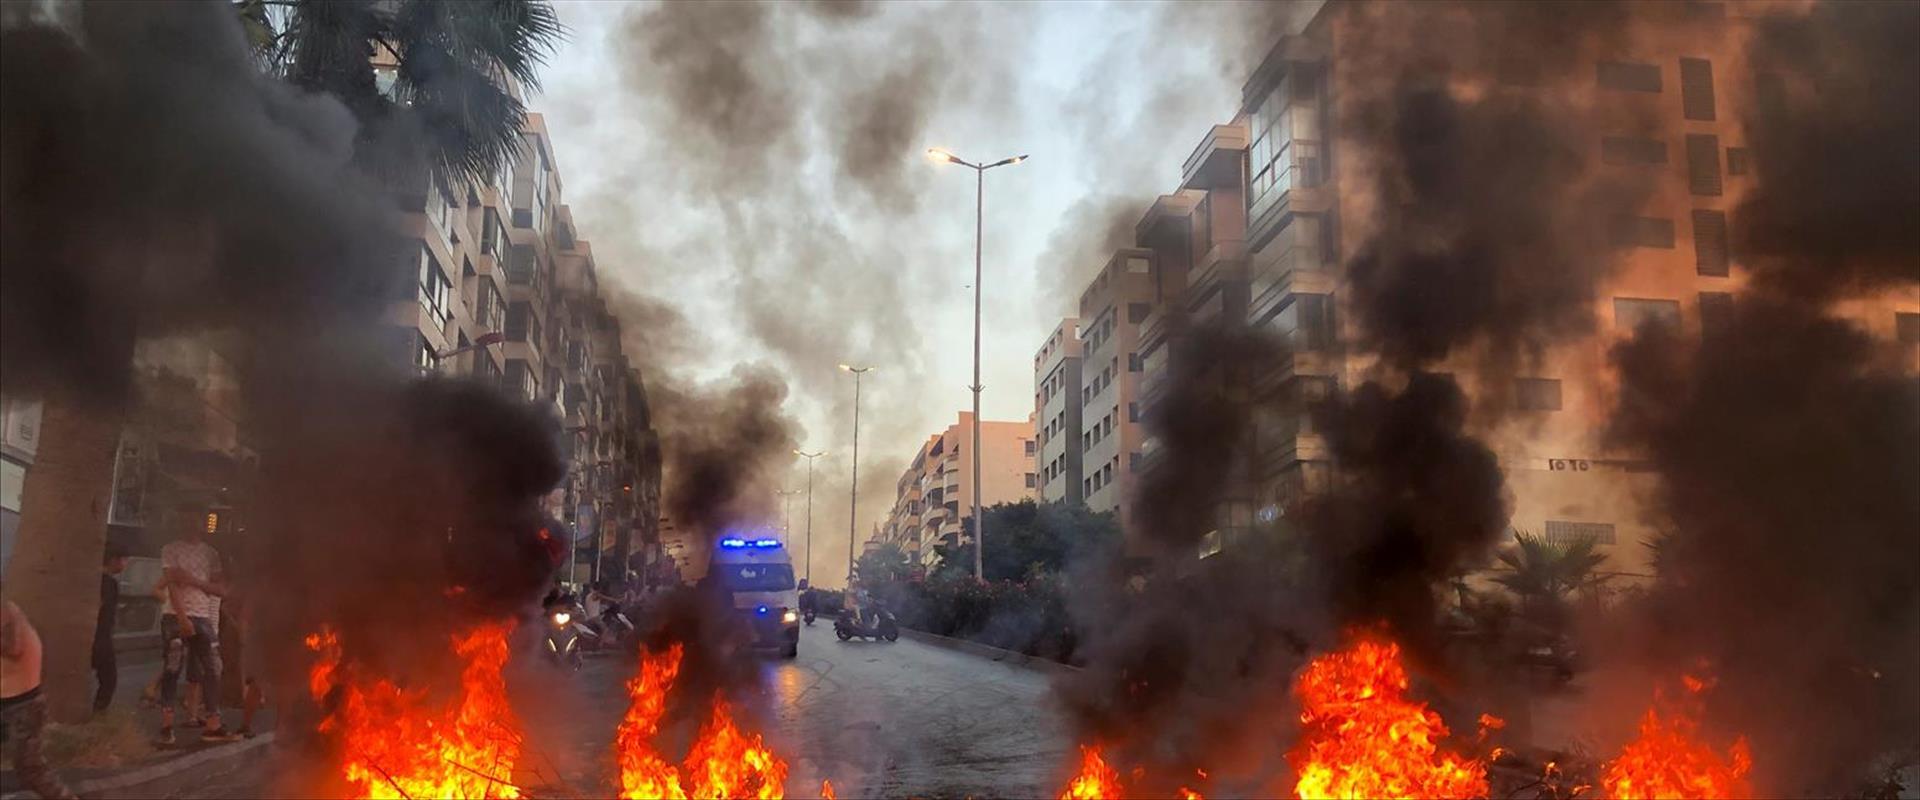 הצתת פחים בהפגנה בביירות